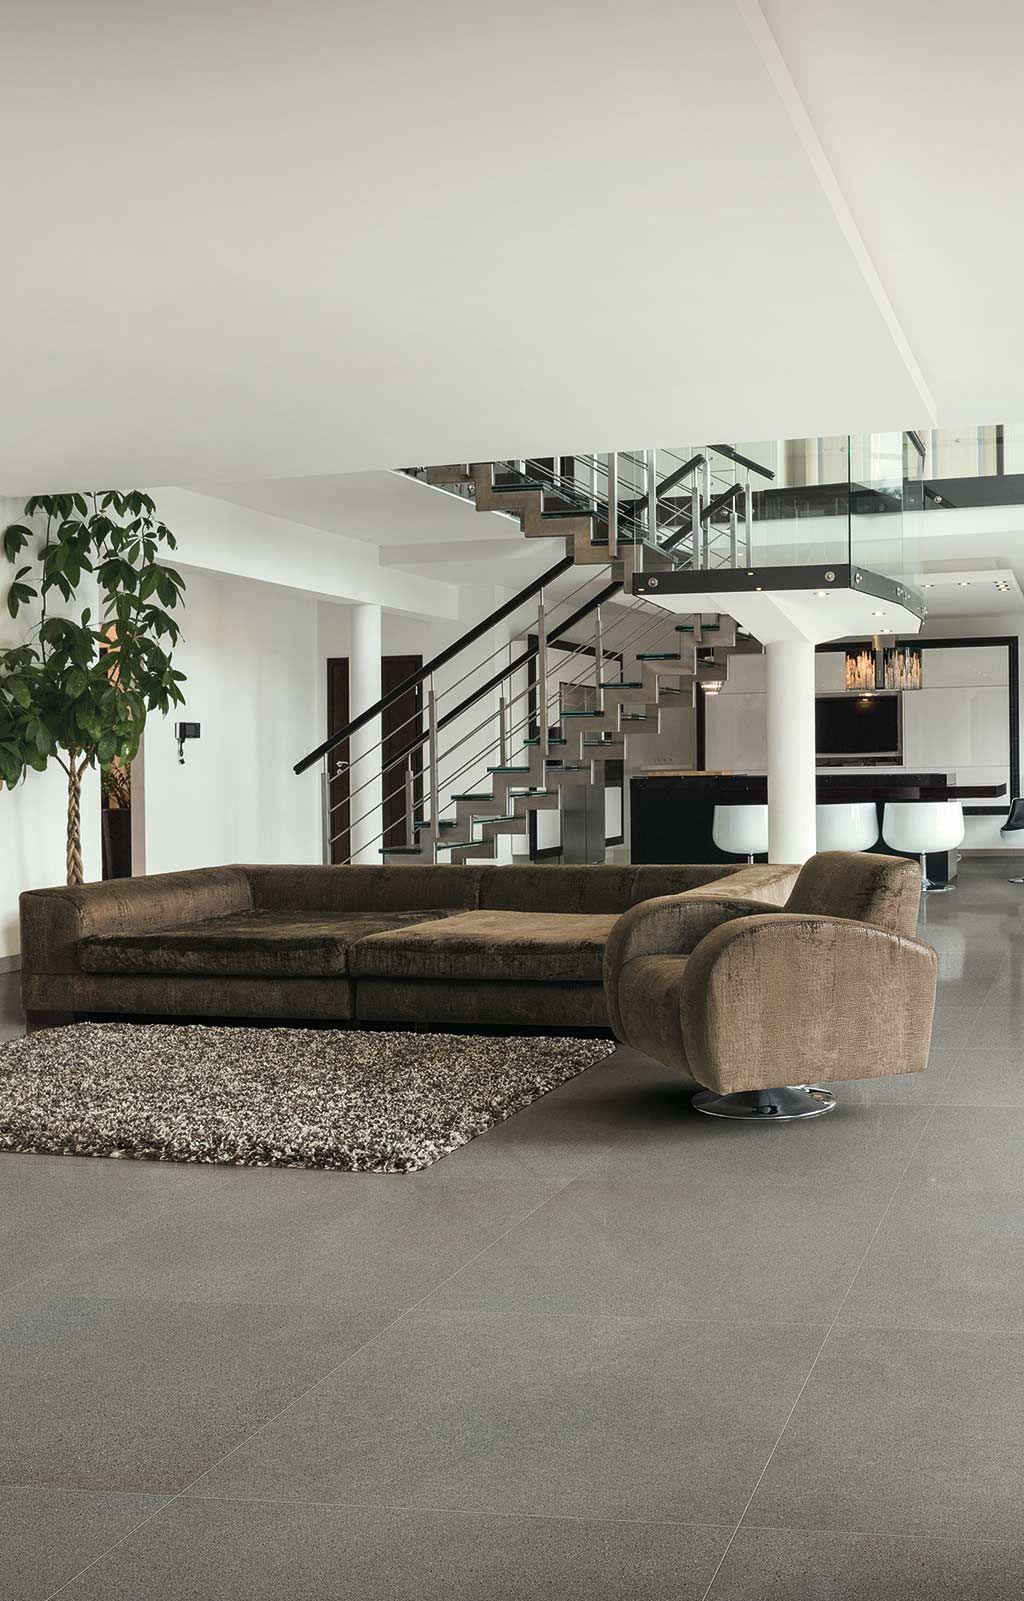 Carrelage Floor Gres Airtech Tons Gris Salon Livingroom Canape Fauteuil Effet Vieux Cuir Marron Escalier Design Tapis Cu Tile Design House Styles Architecture